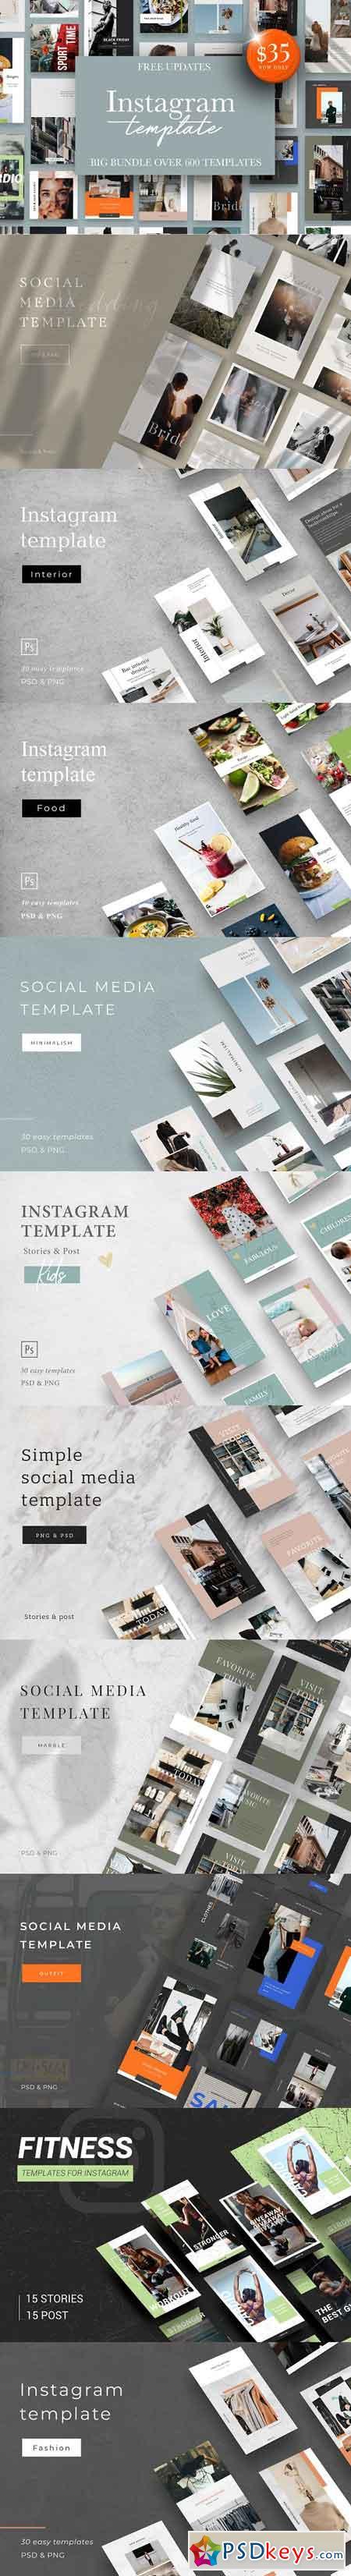 Instagram Bundle 25in1 + Free Update 3190185